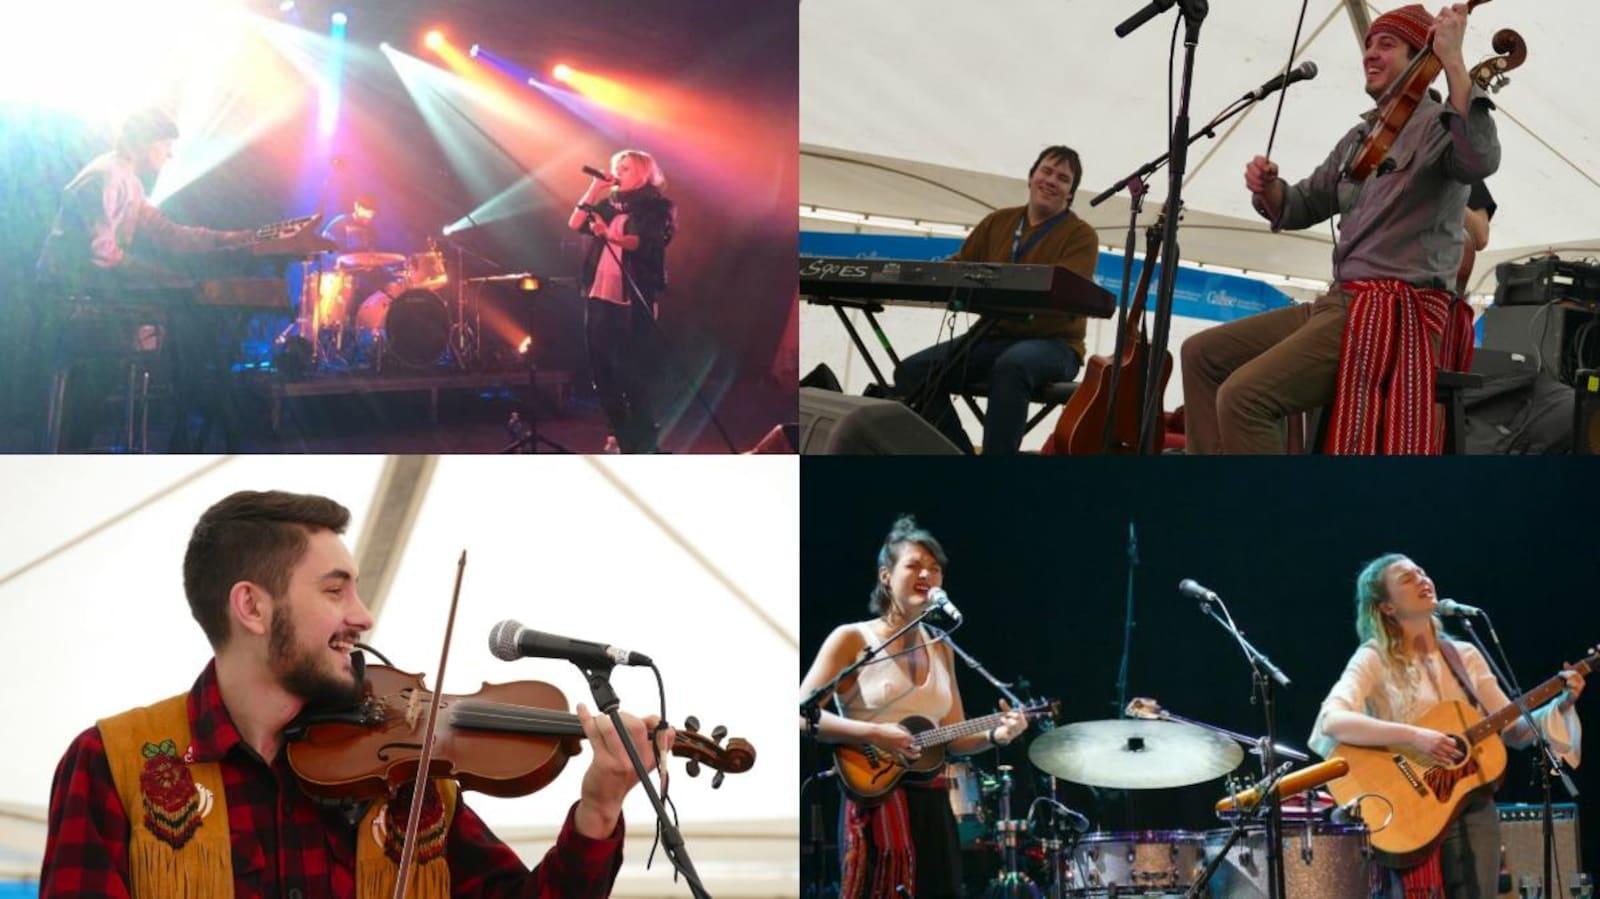 Prestations musicales au 48e Festival du Voyageur - en haut : Laurence Nerbonne (à g.) et Daniel Gervais (à d.); en bas : Michael Audette (à g.) et les soeurs Boulay (à d.)